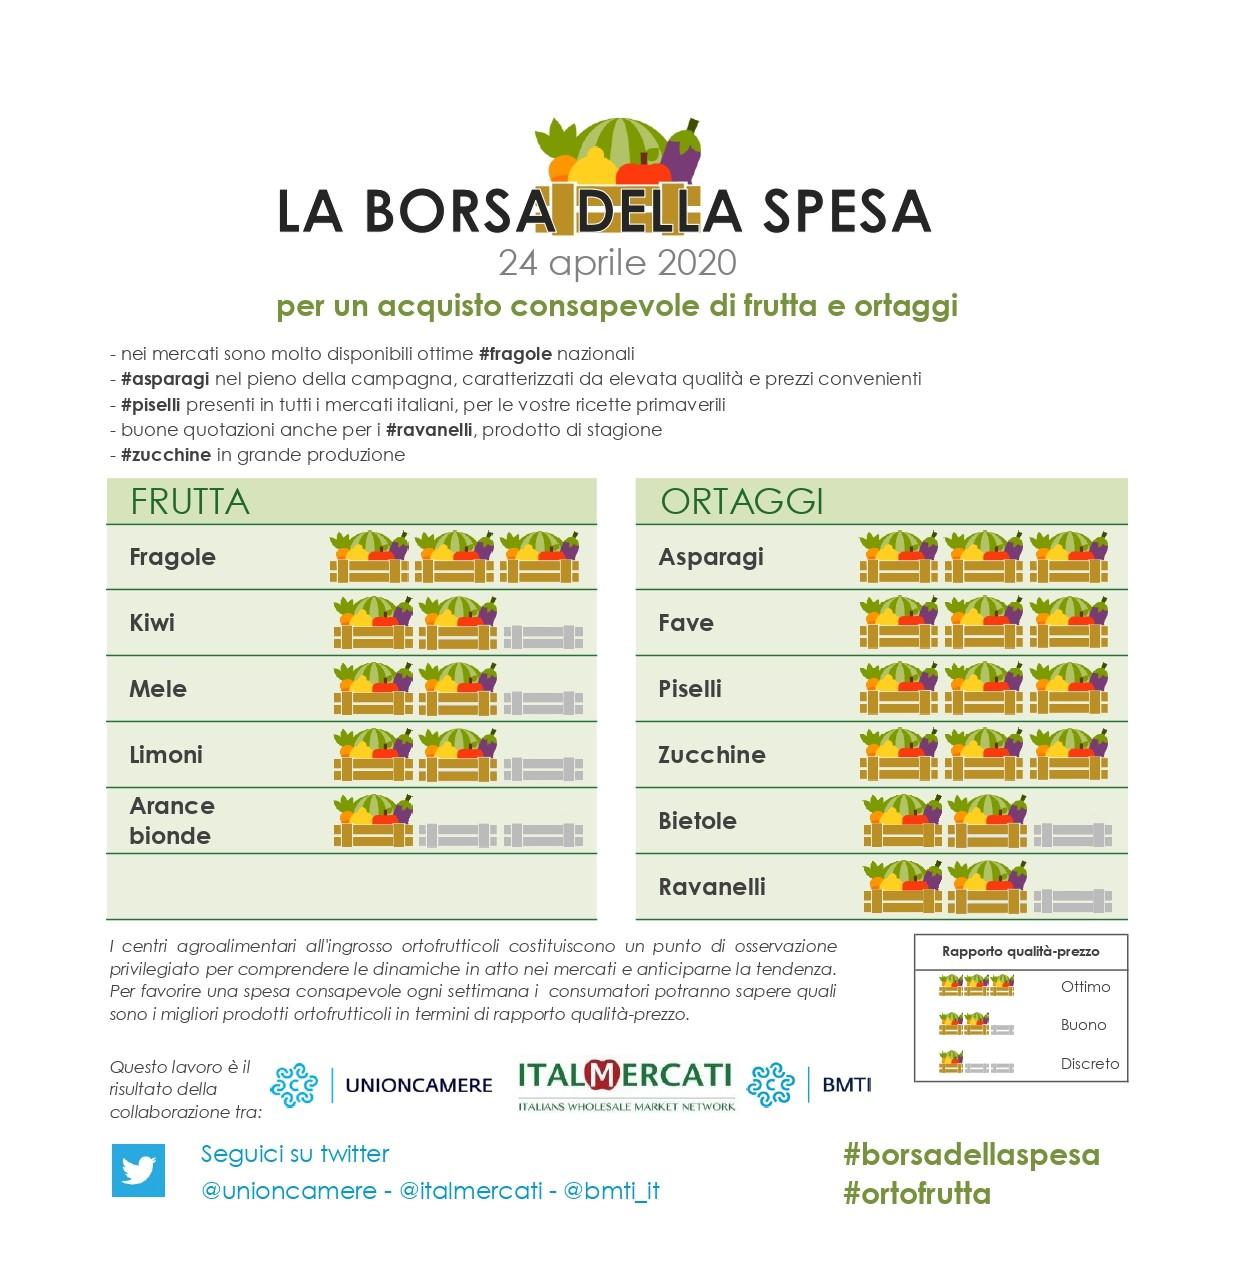 Borsa della spesa dell'ortofrutta 20 aprile - consigli per acquisti consapevoli di frutta e ortaggi. In quella di questa settimana: